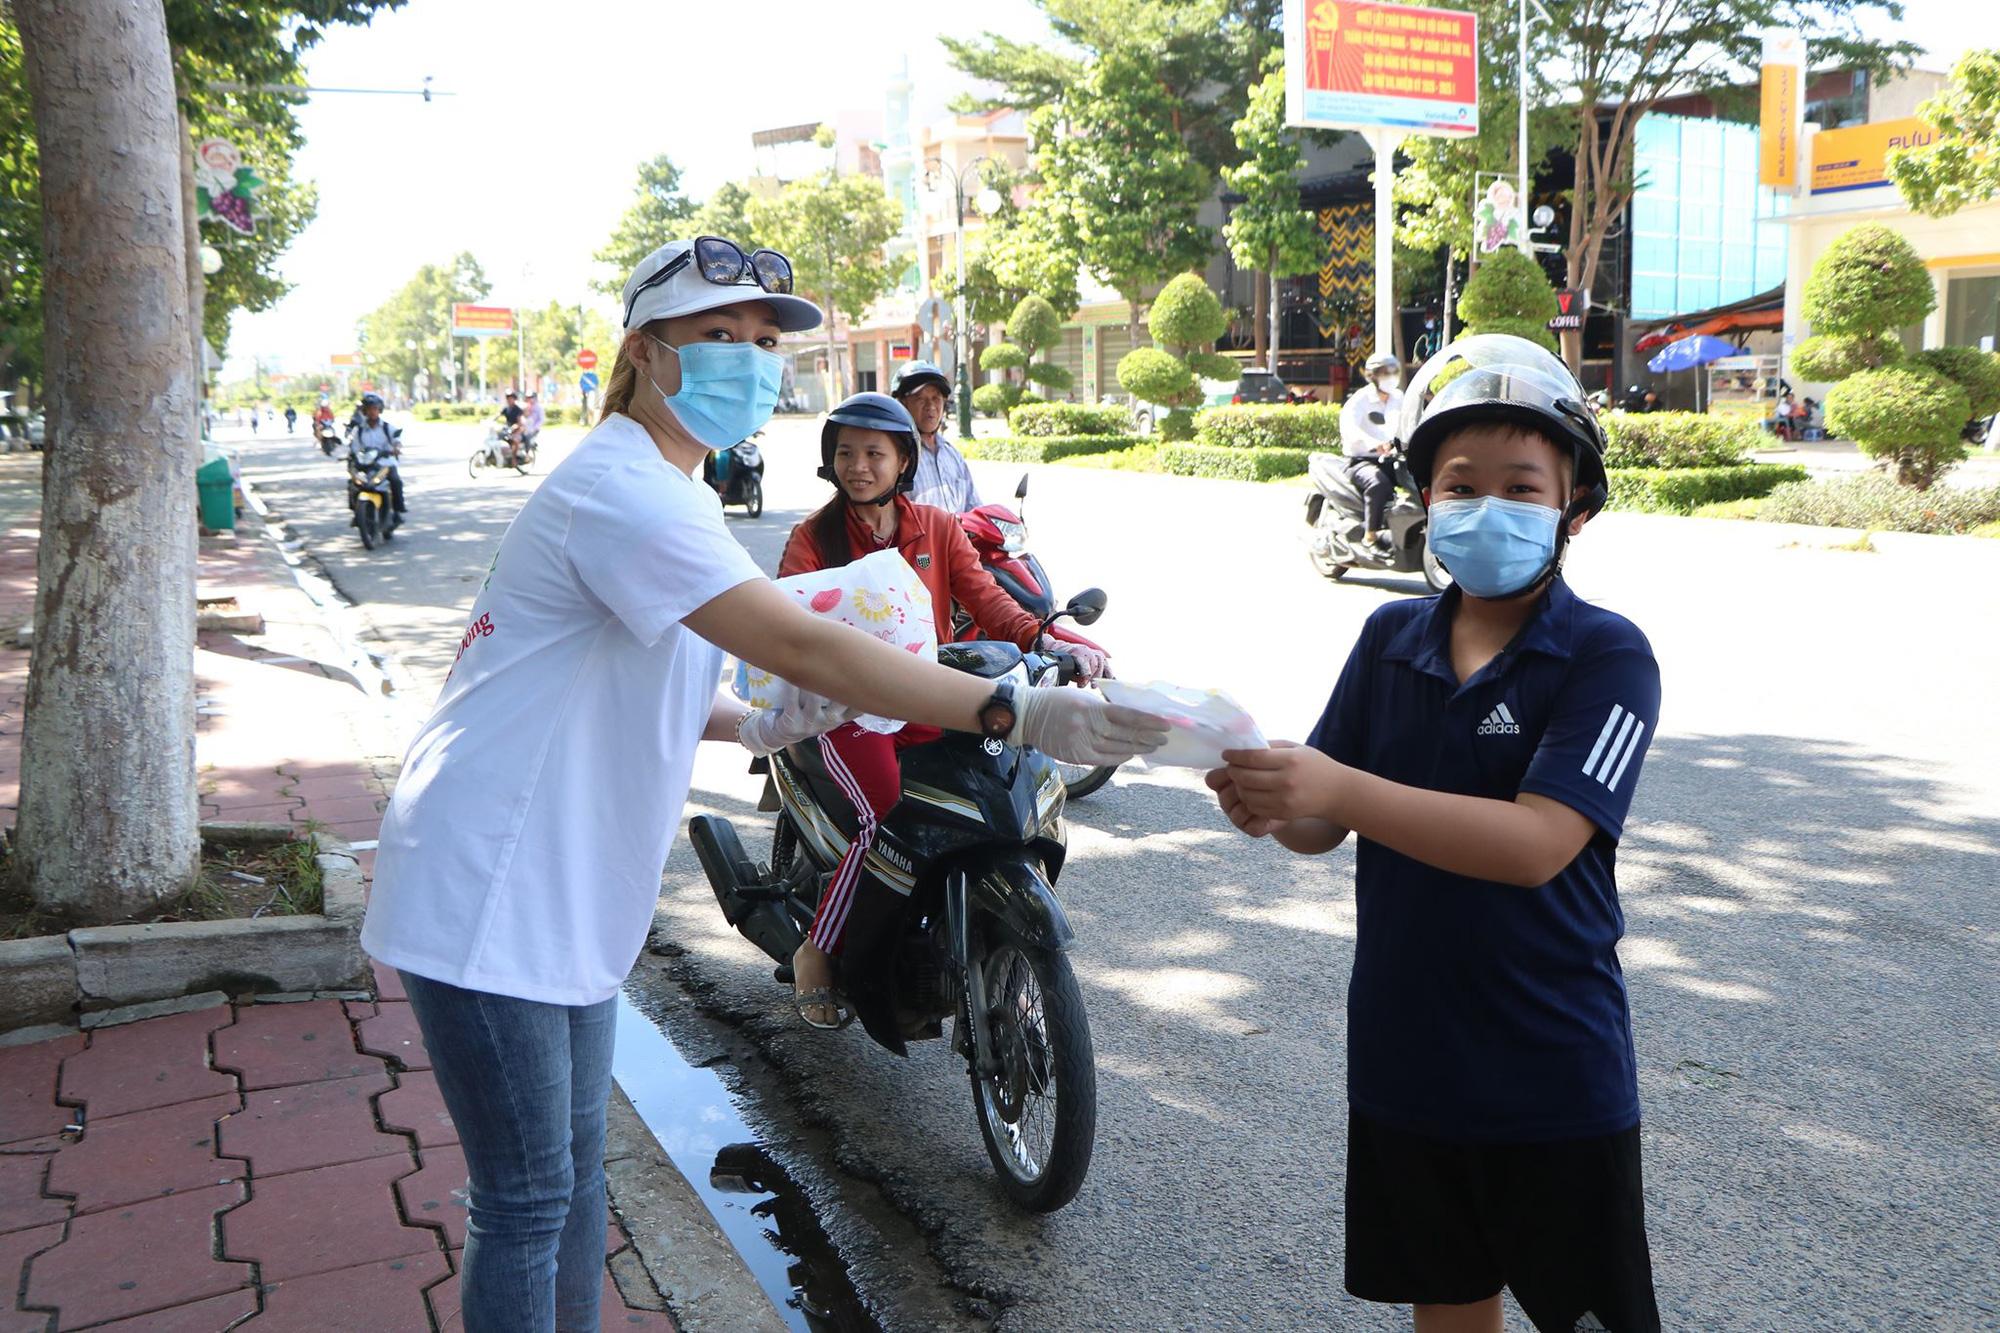 Ninh Thuận: Phát hàng trăm chiếc khẩu trang cho người dân đi đường - Ảnh 3.